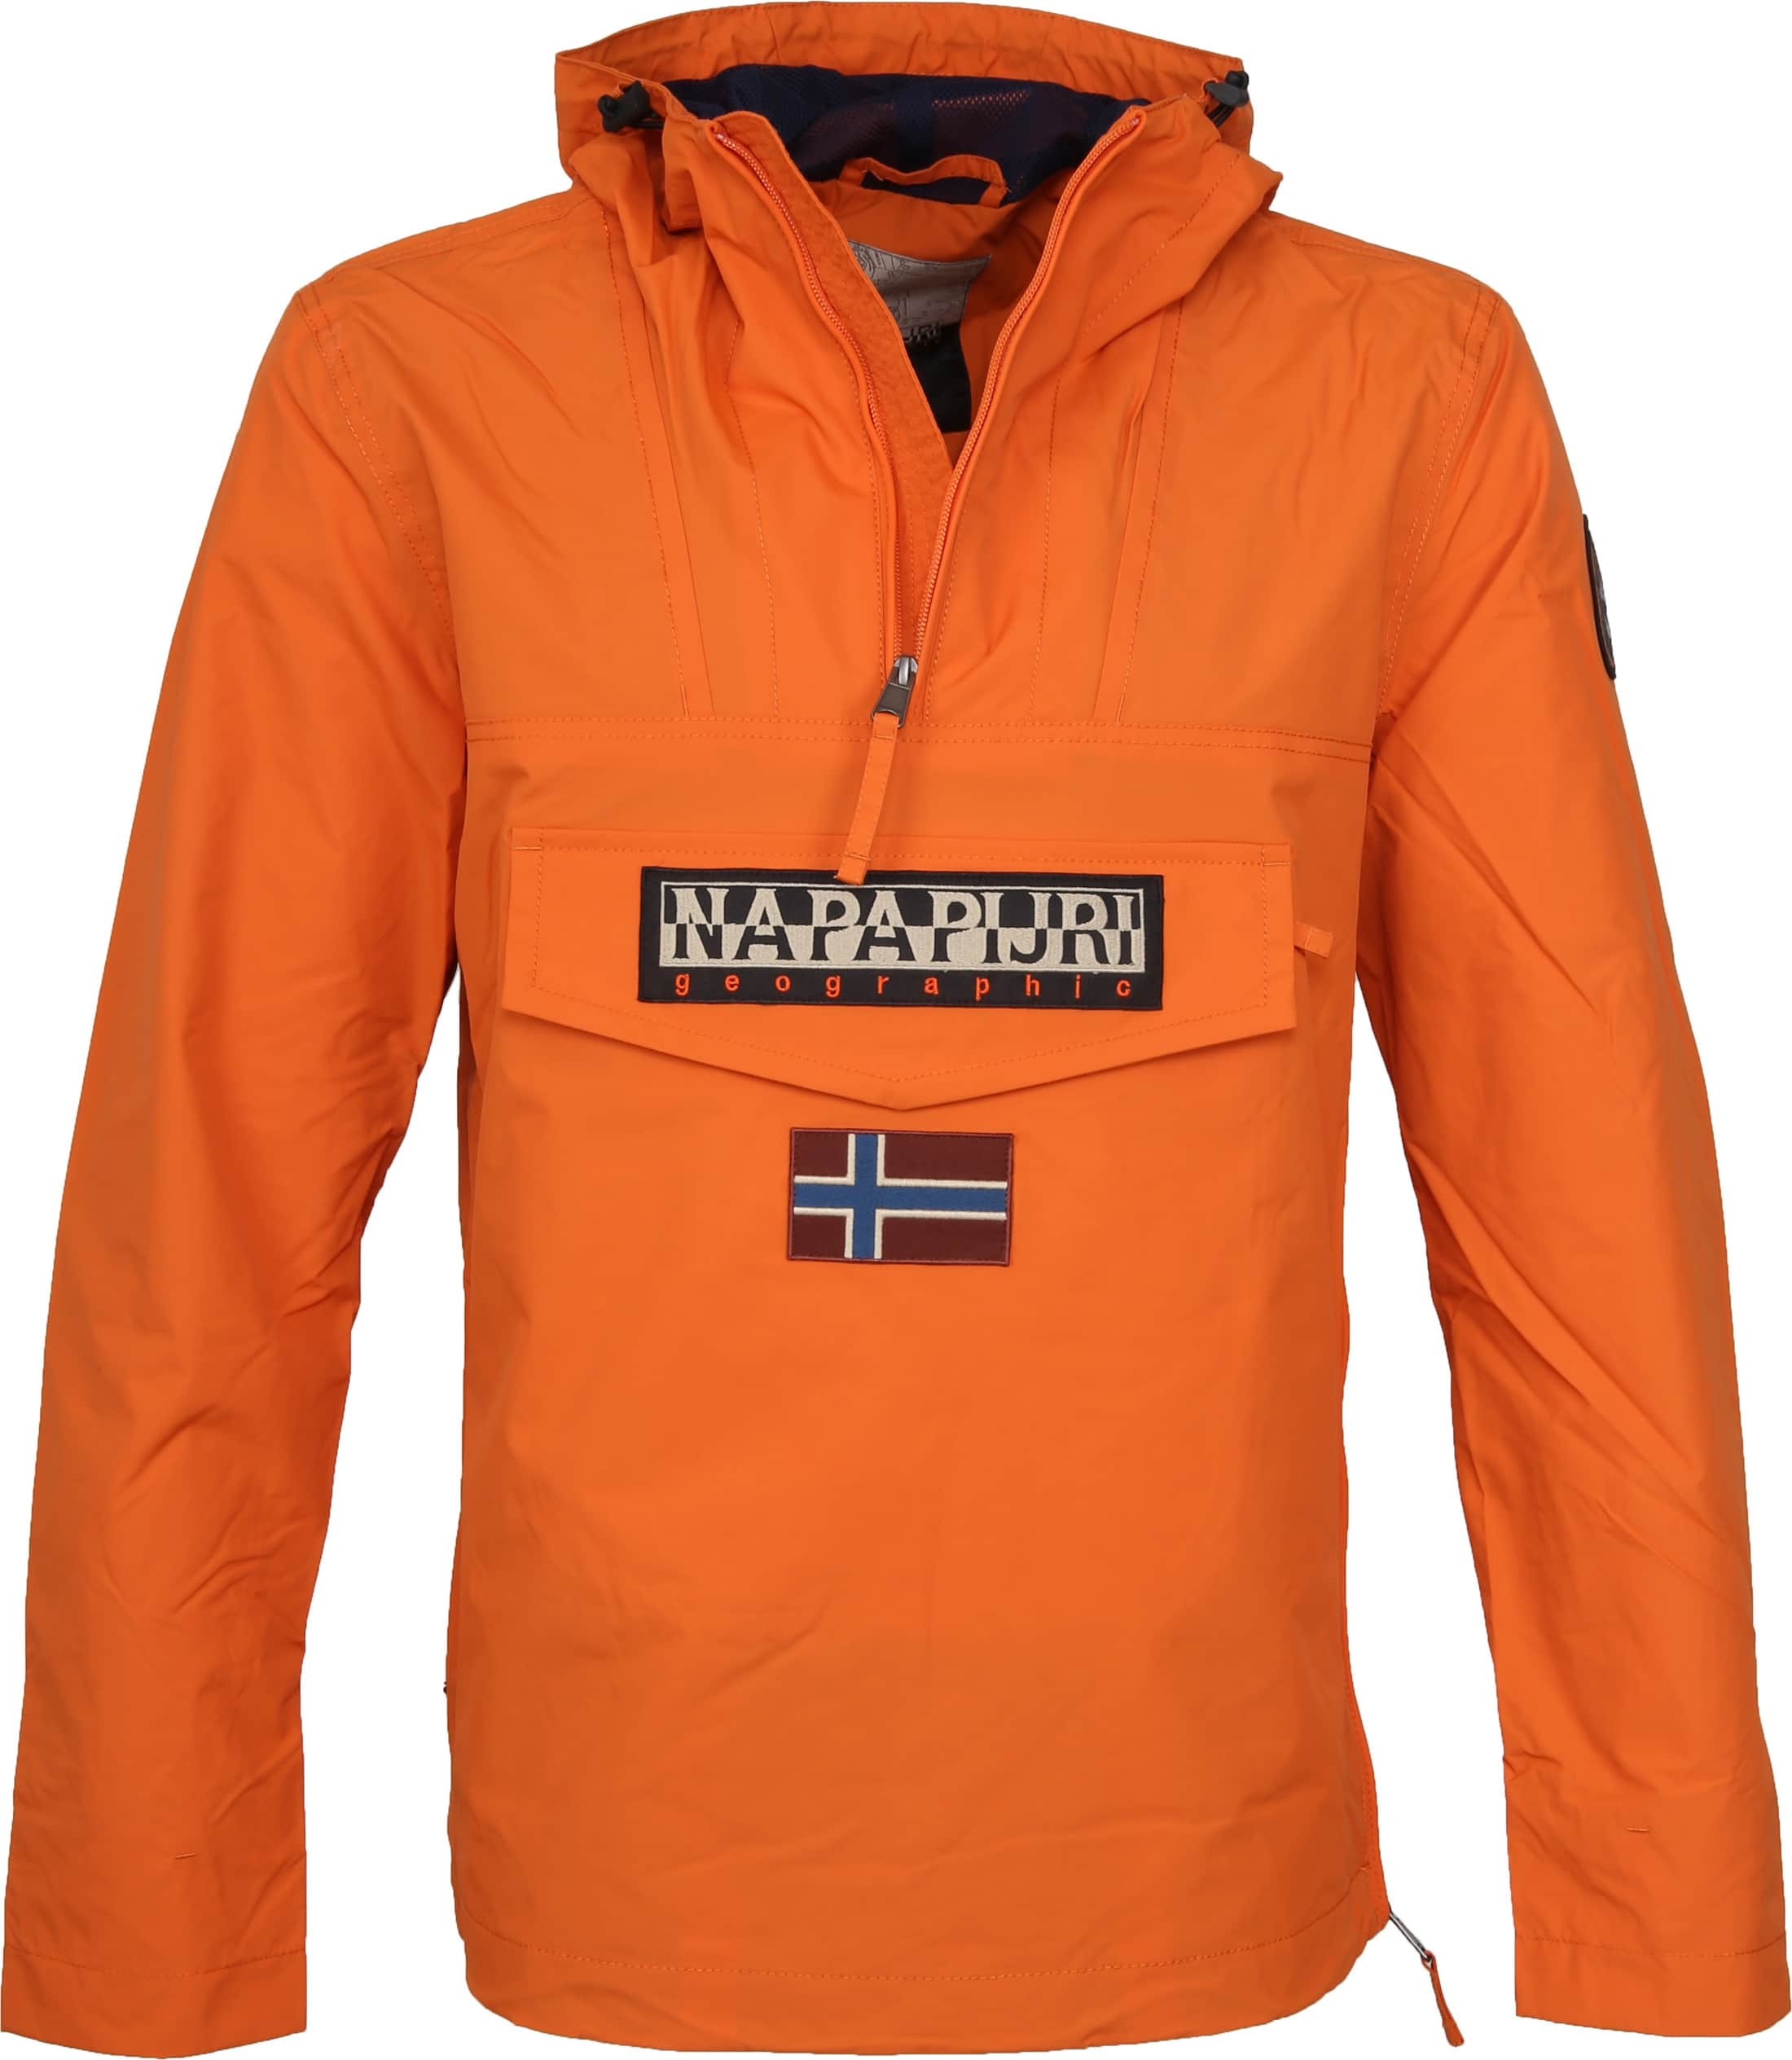 Napapijri Rainforest Summer Jacket Orange  foto 0